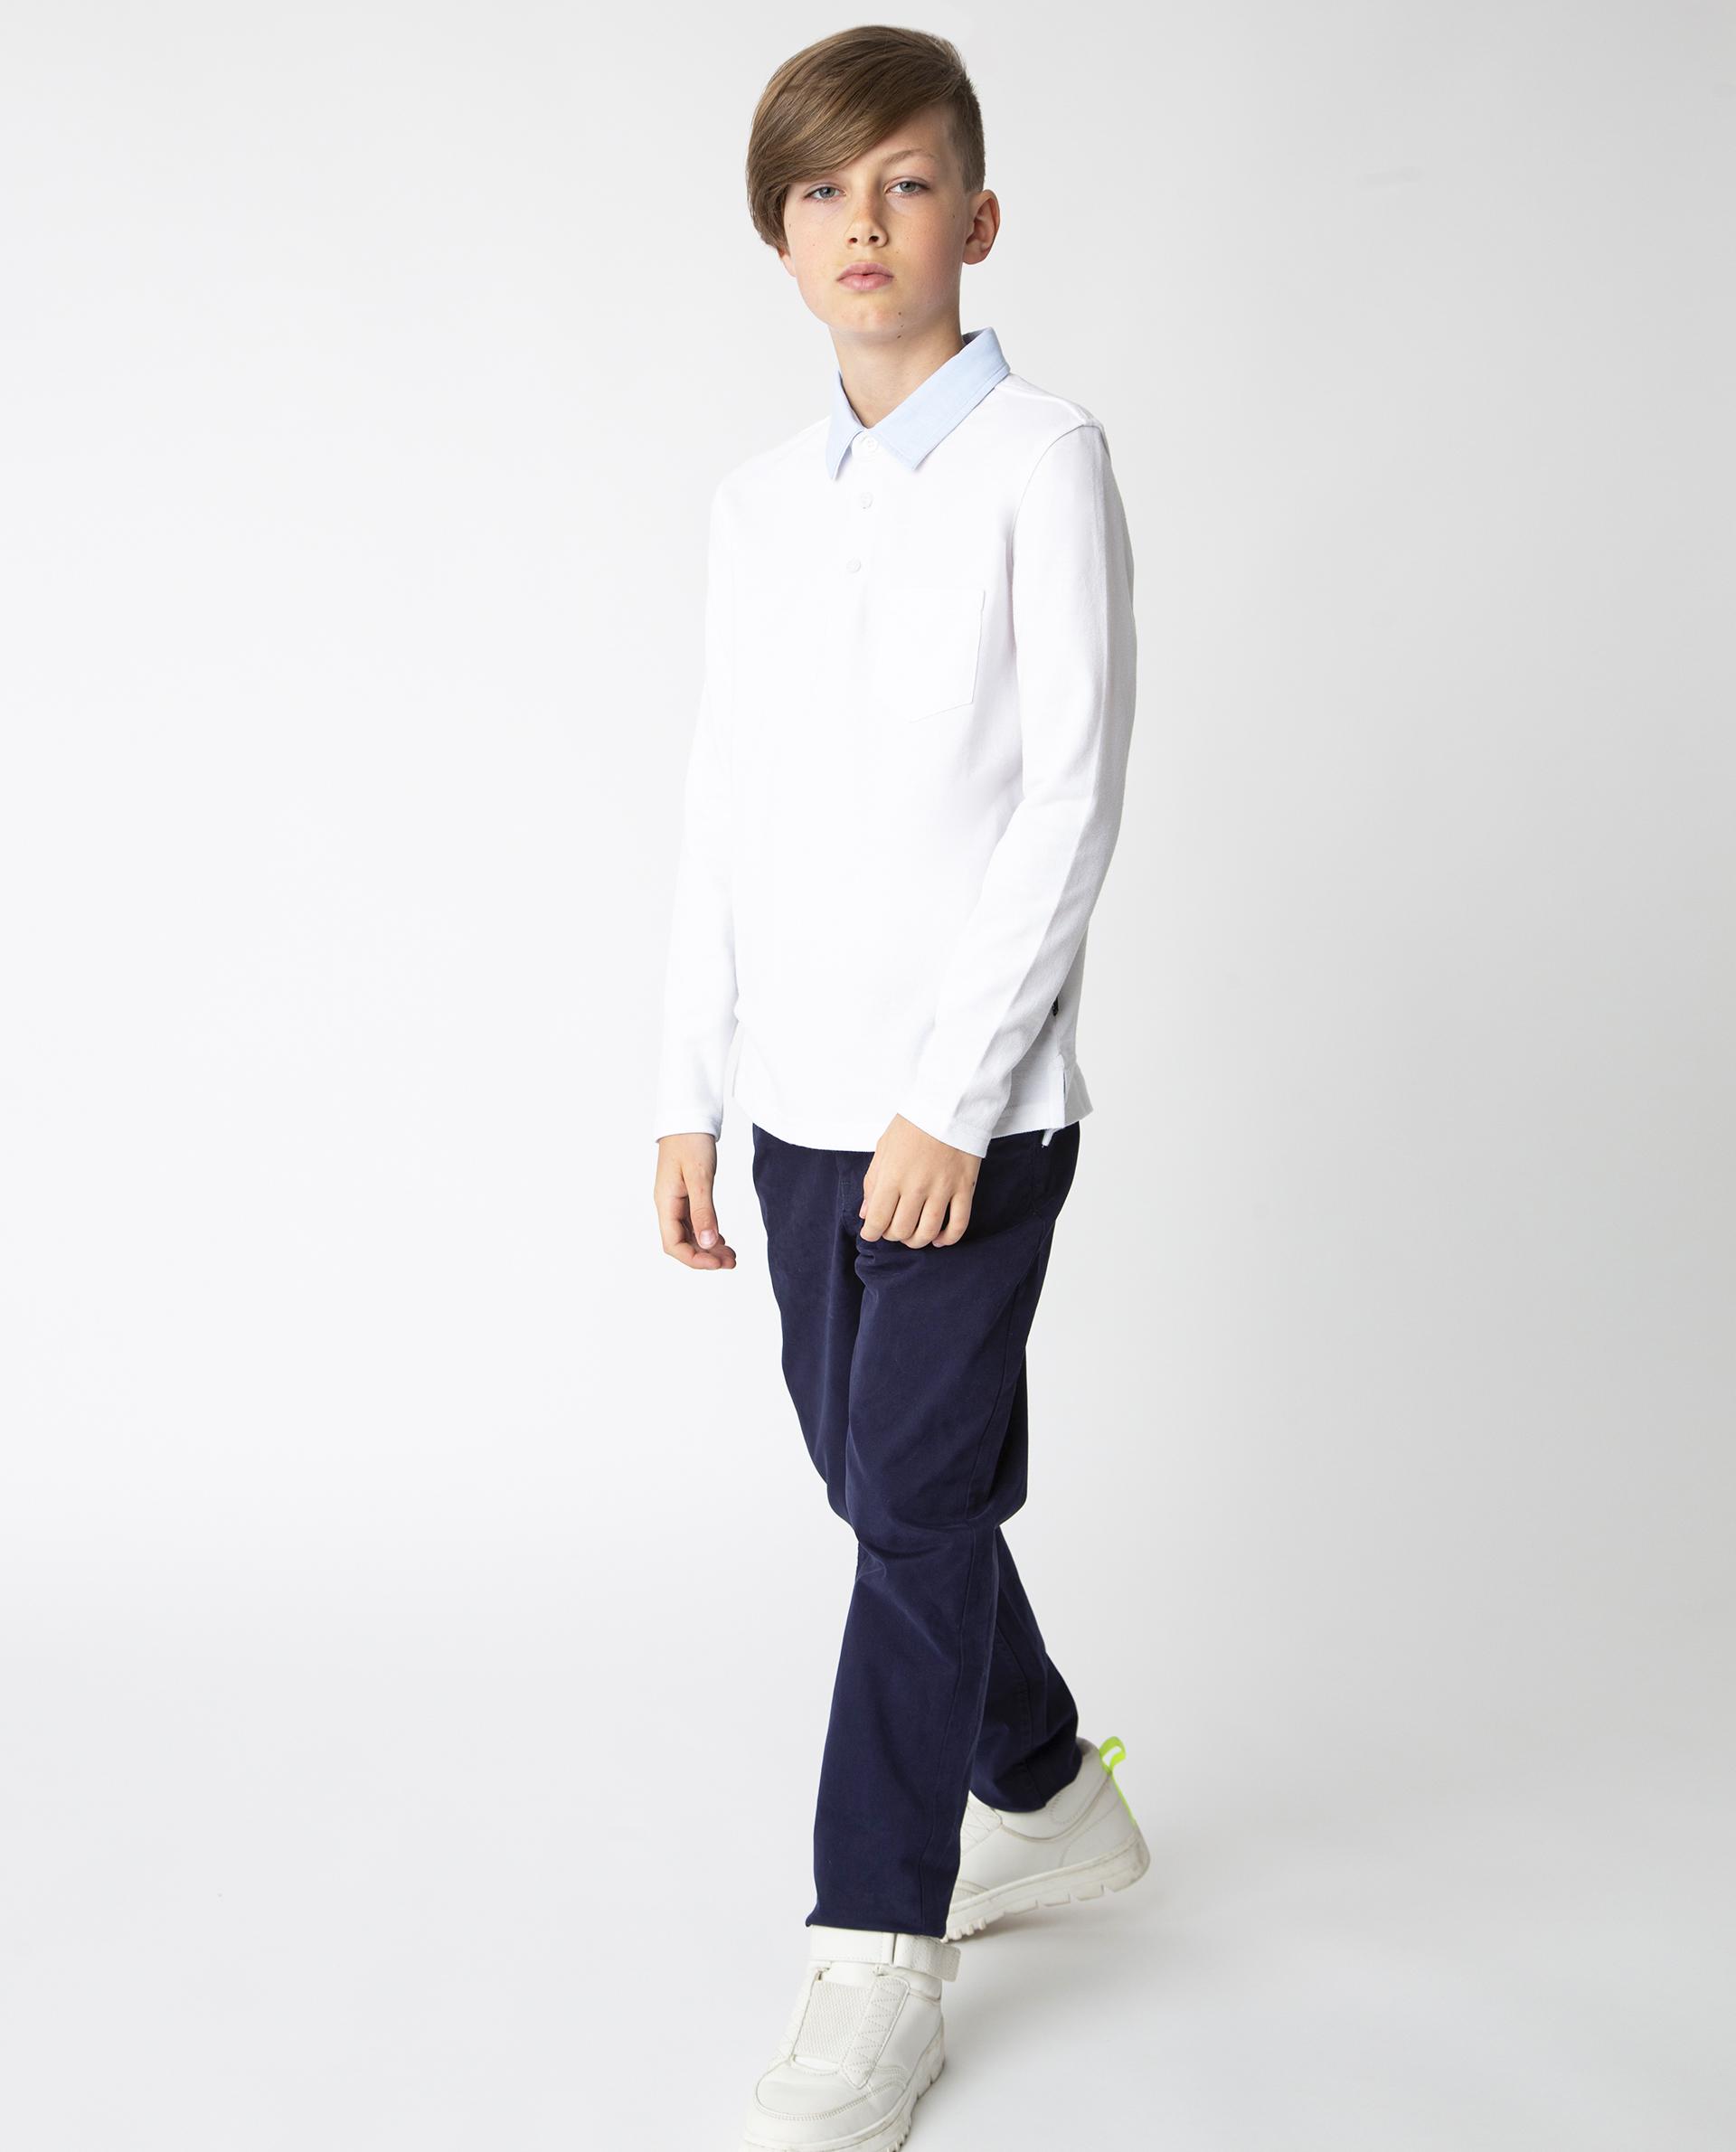 Купить 220GSBC1401, Белое поло с длинным рукавом Gulliver, белый, 122, Хлопок, Мужской, Демисезон, ШКОЛЬНАЯ ФОРМА 2020-2021 (shop: GulliverMarket Gulliver Market)